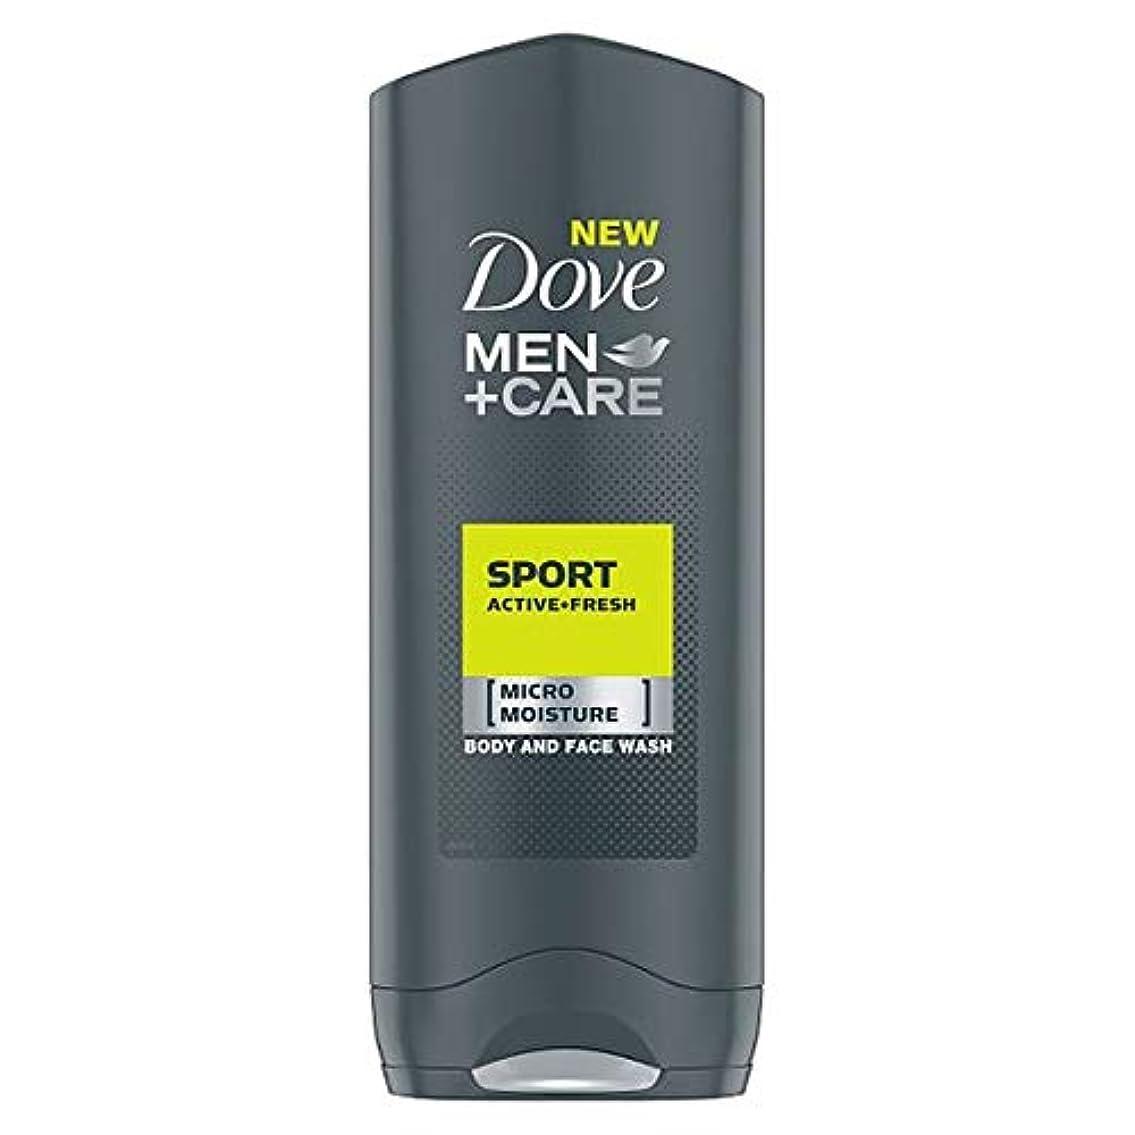 集めるハグ桁[Dove] 鳩の男性+ケアスポーツアクティブフレッシュボディウォッシュ250ミリリットル - Dove Men+Care Sport Active Fresh Body Wash 250Ml [並行輸入品]